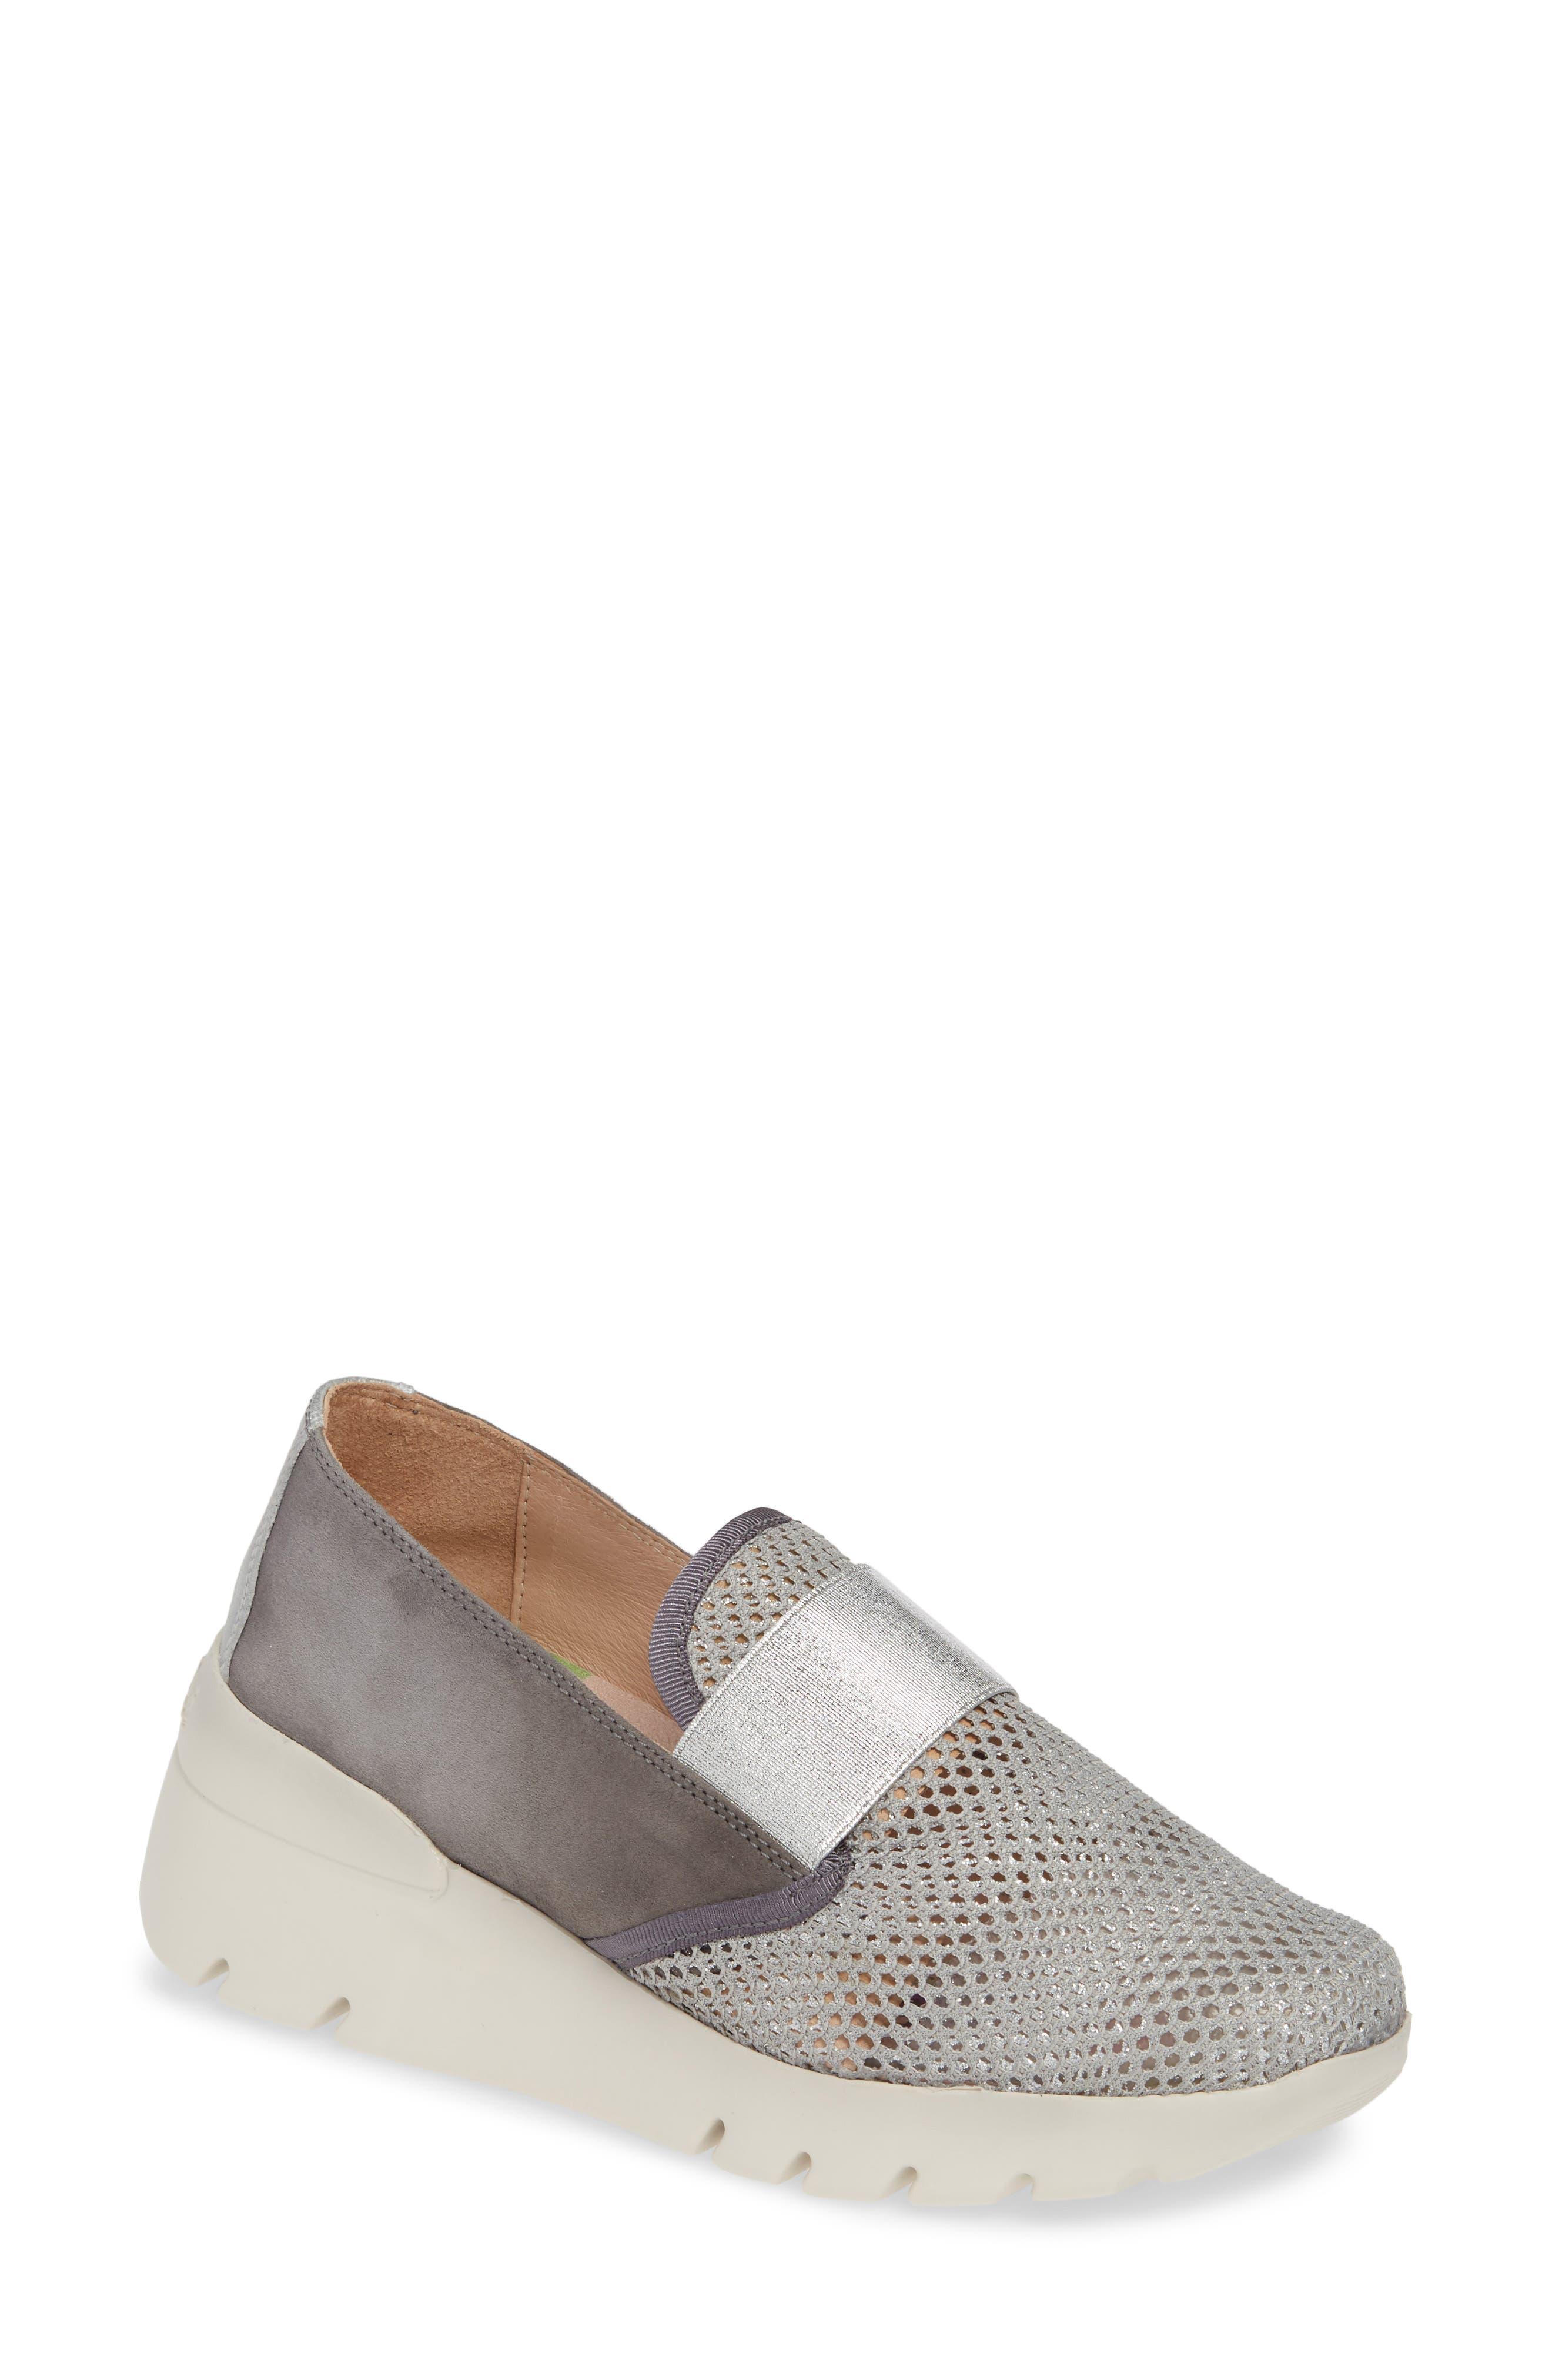 Hispanitas Reeva Slip-On Wedge Sneaker